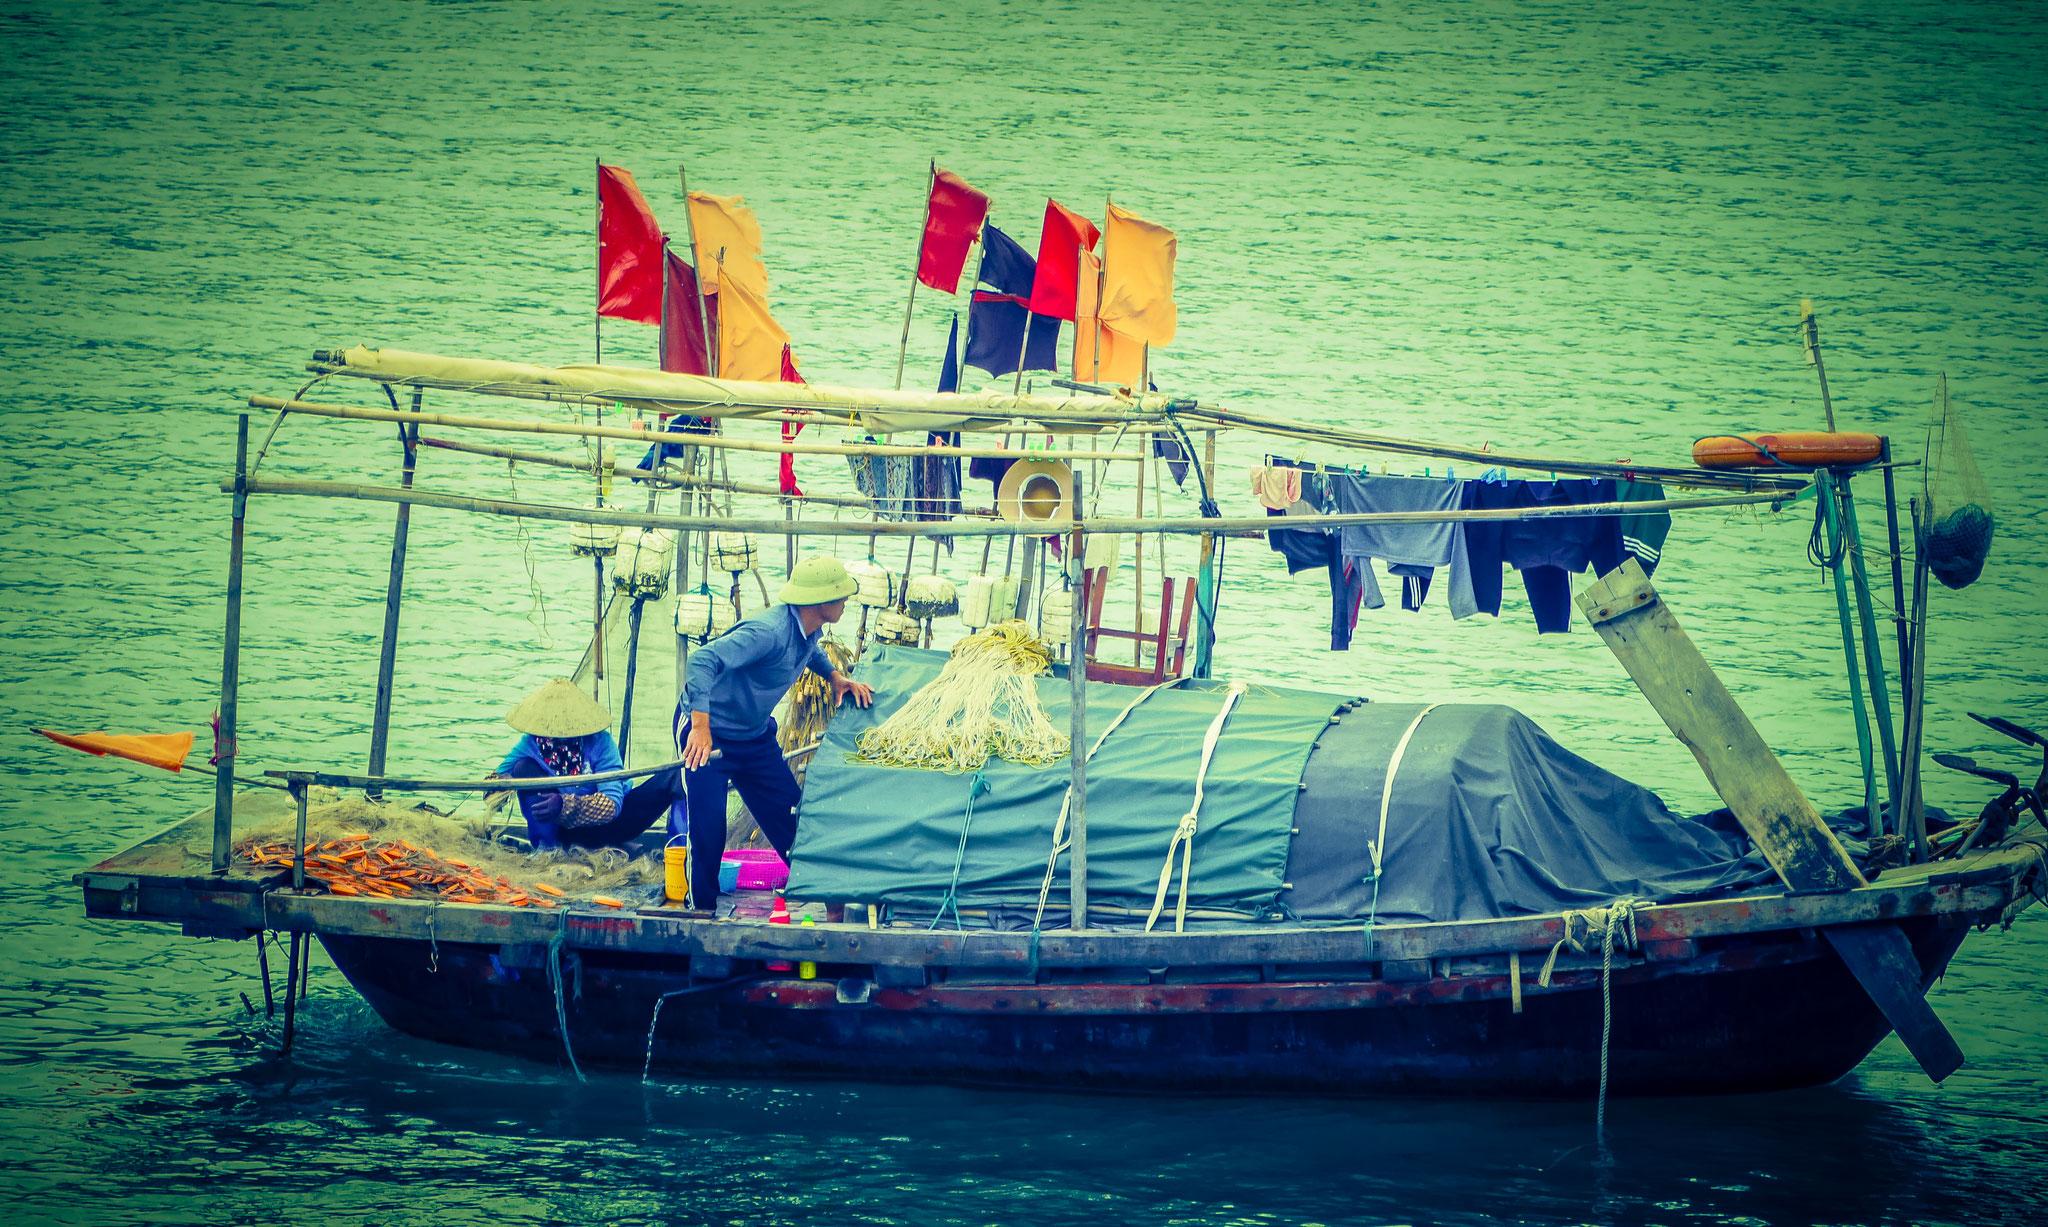 Halong-Bucht - die Händlerboote